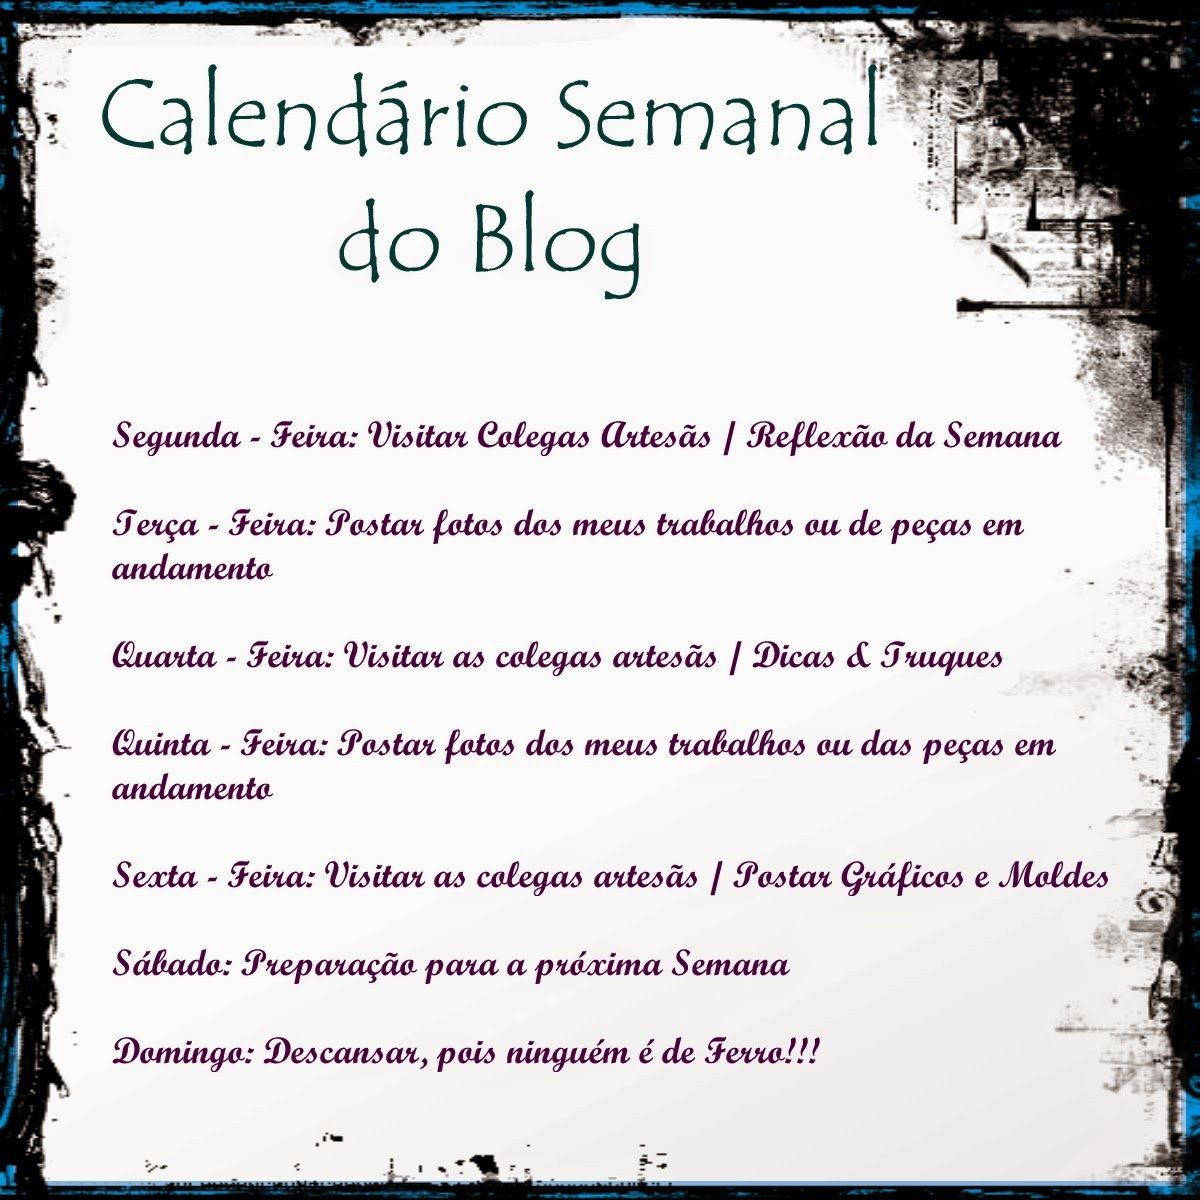 Calendário Semanal